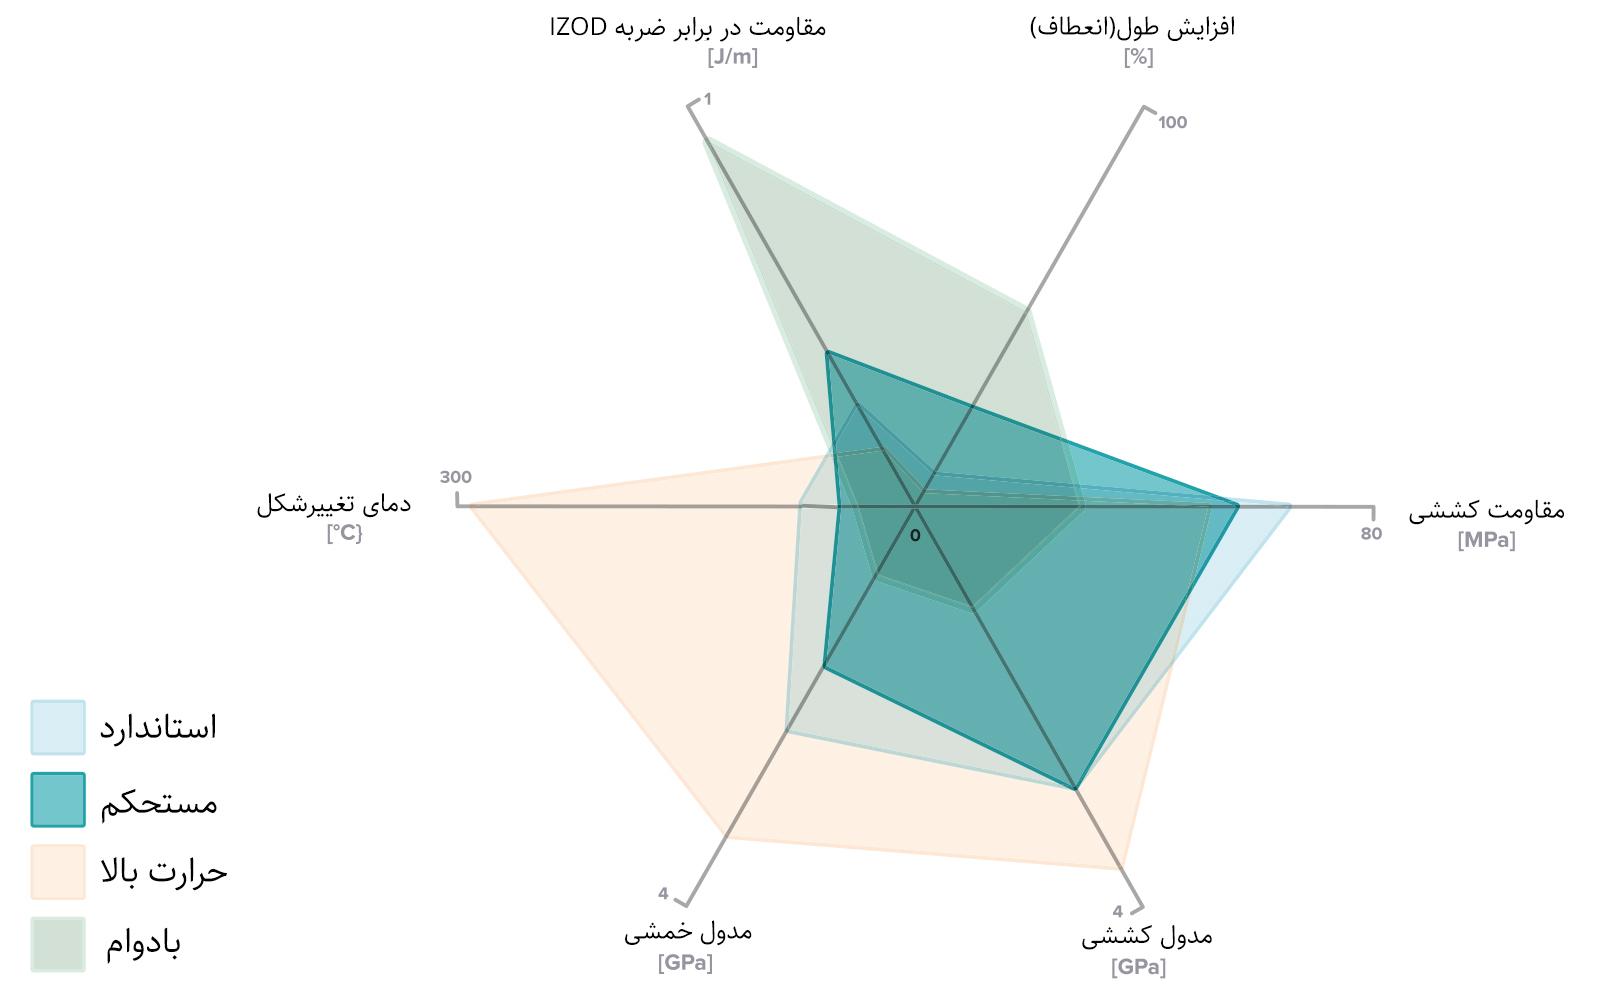 جدول مقایسه ای خواص مکانیکی رزین های مهندسی SLA. تصویر از Formlabs